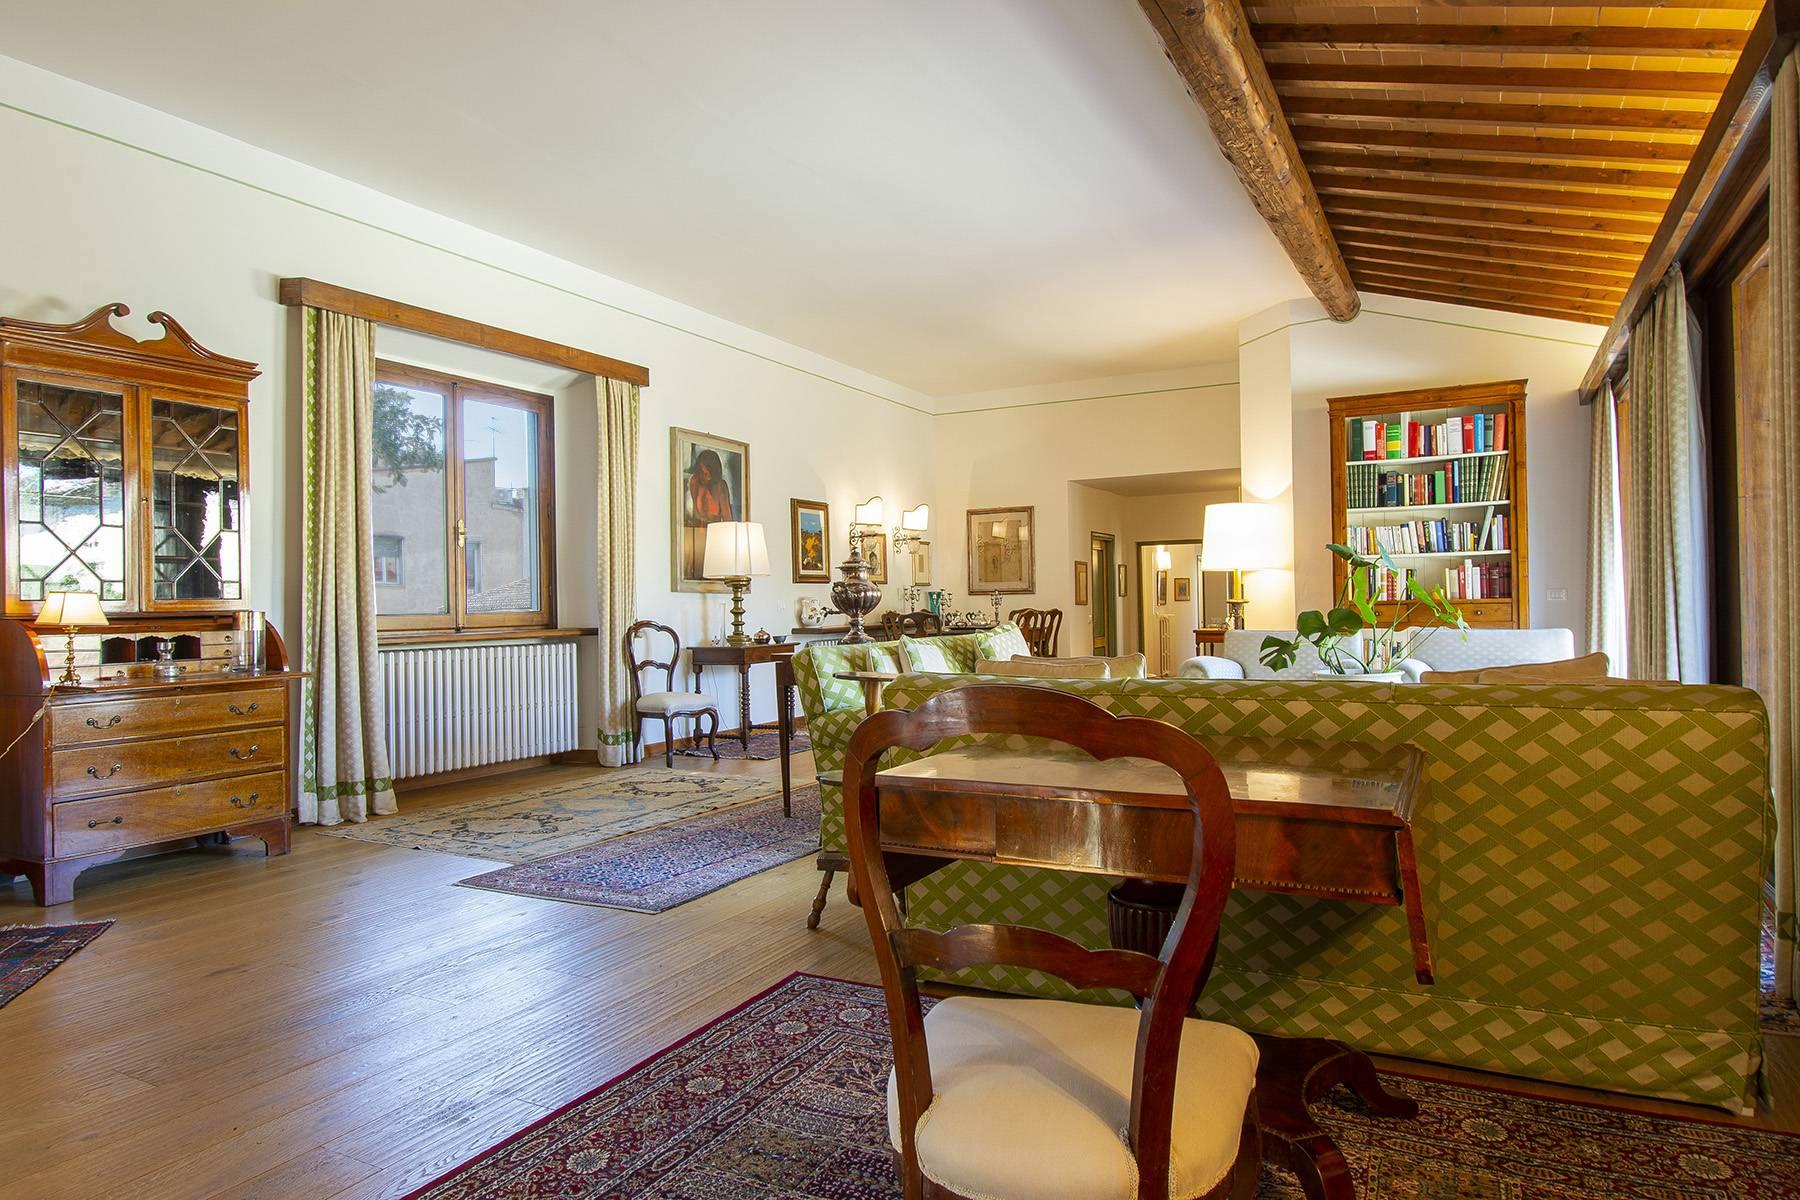 Appartamento in Vendita a Firenze: 5 locali, 182 mq - Foto 8